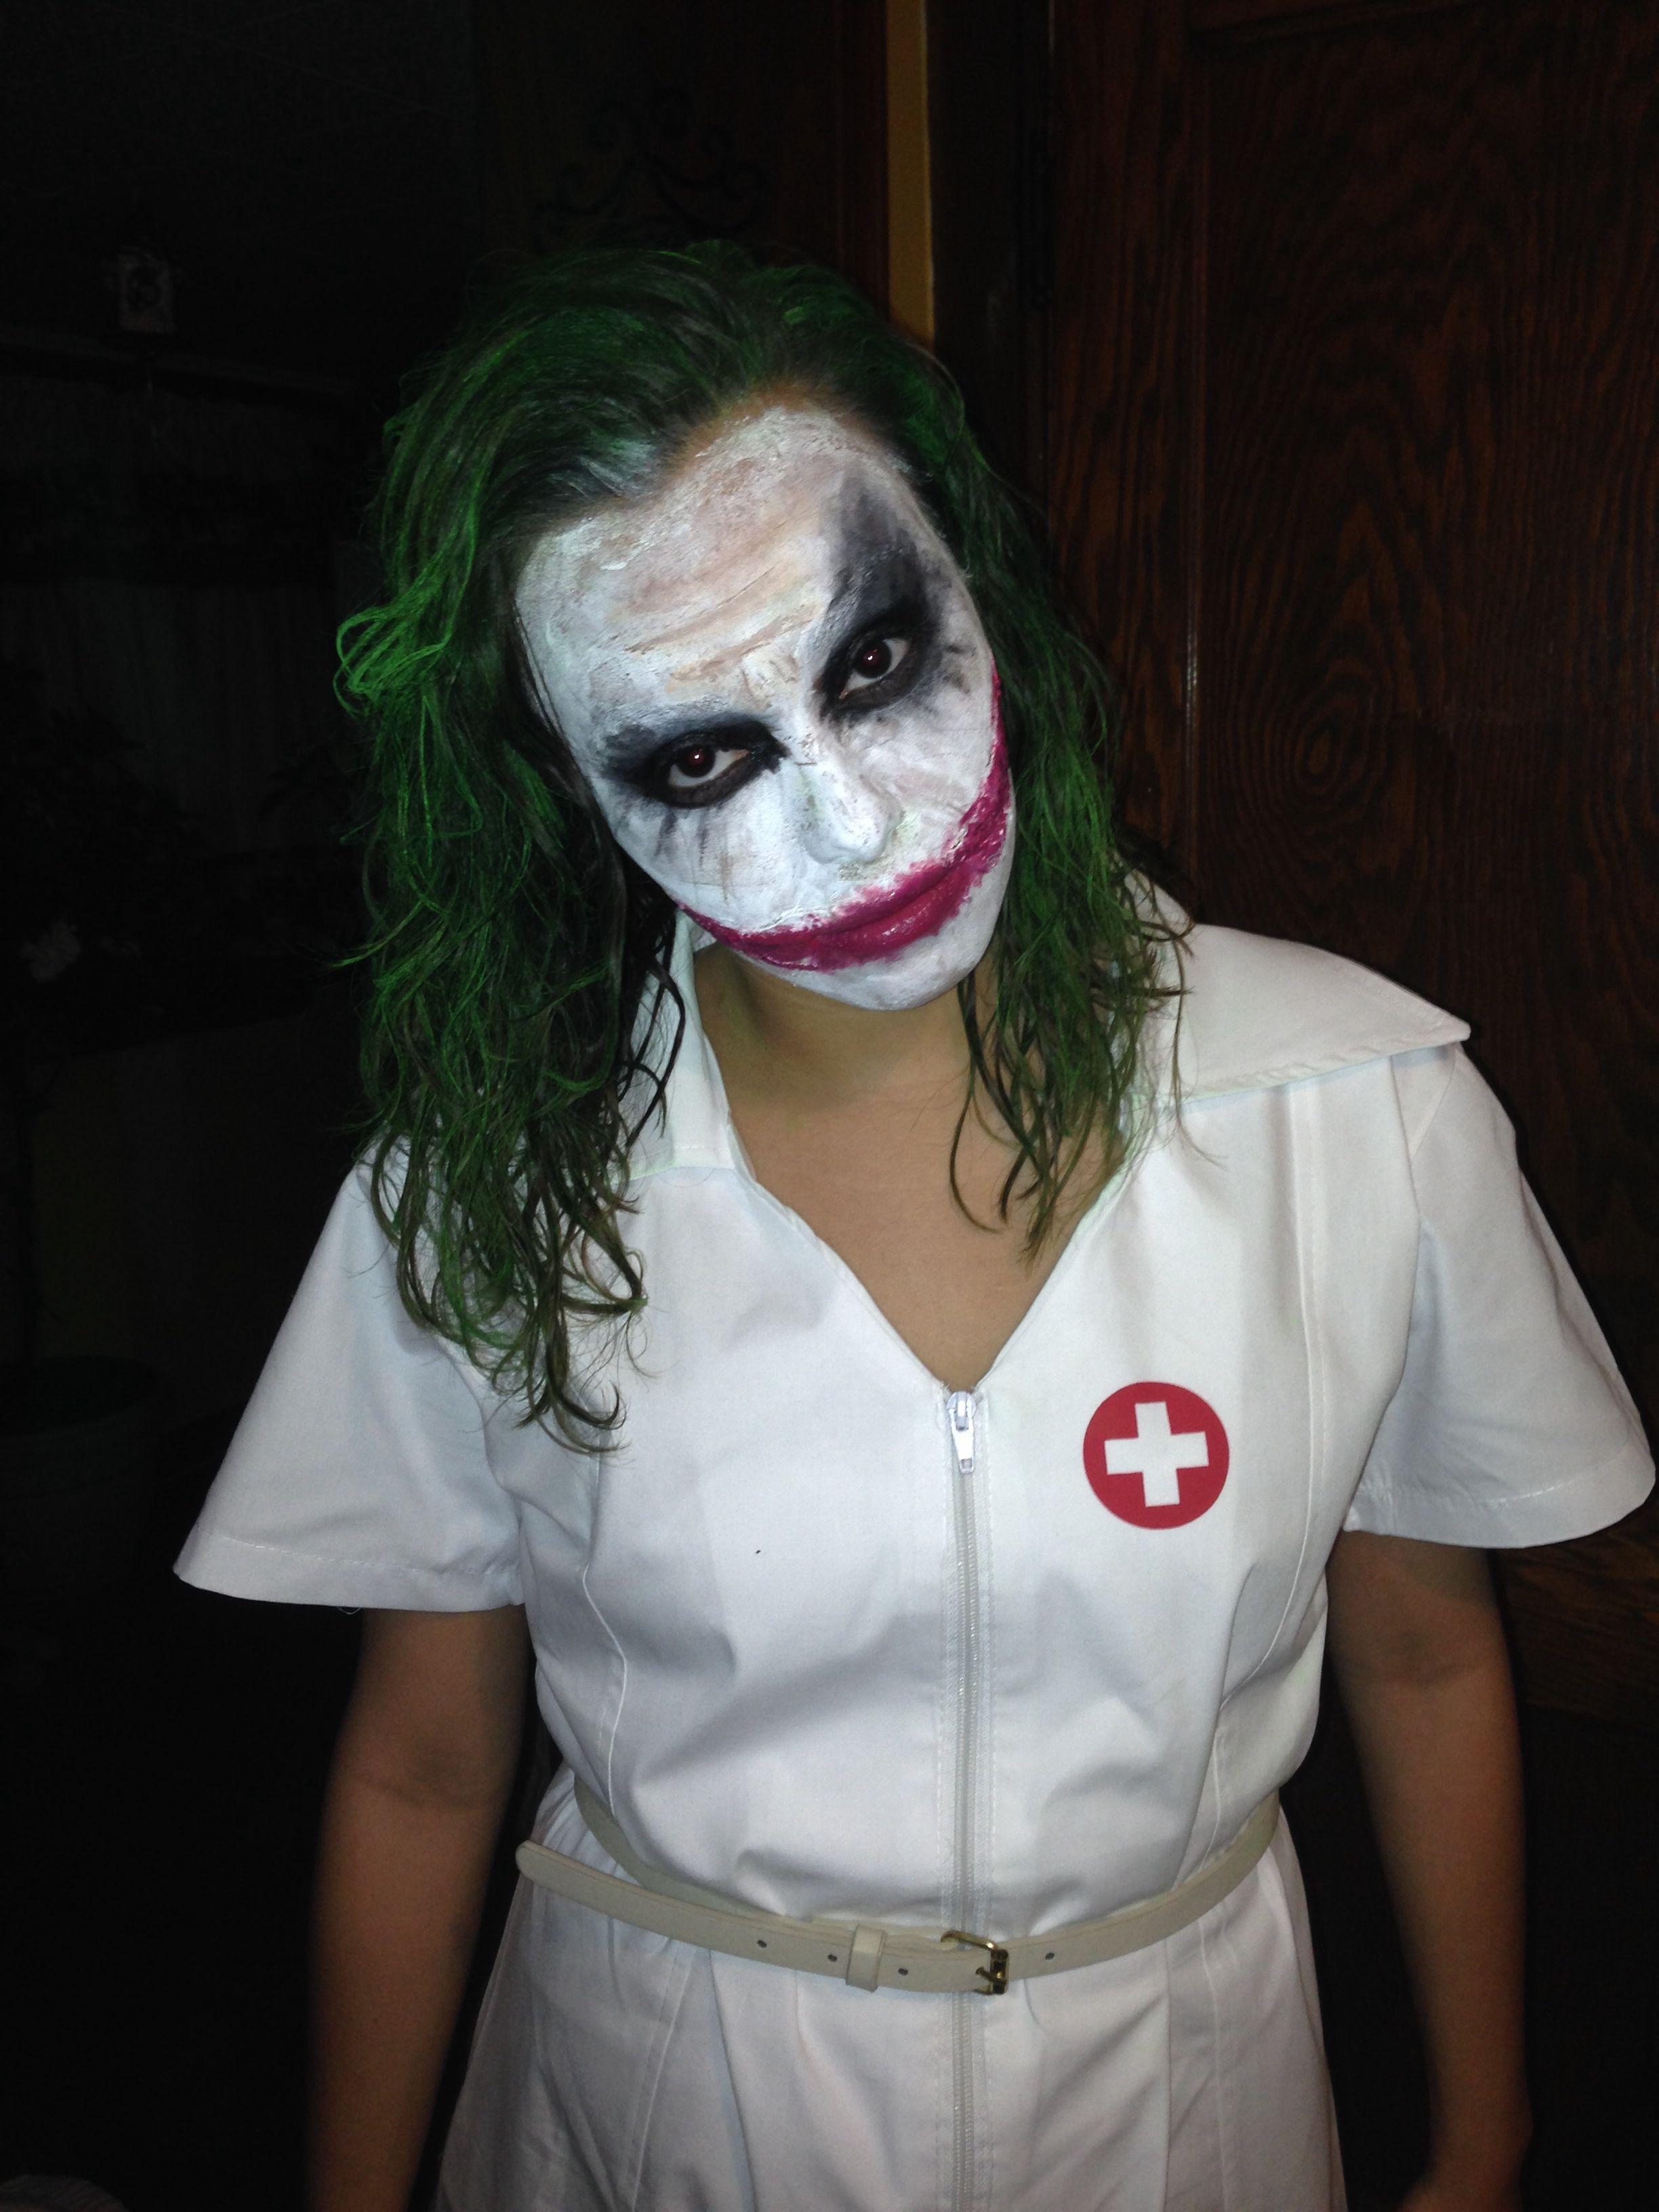 joker costume for halloween. green hair spray. white liquid